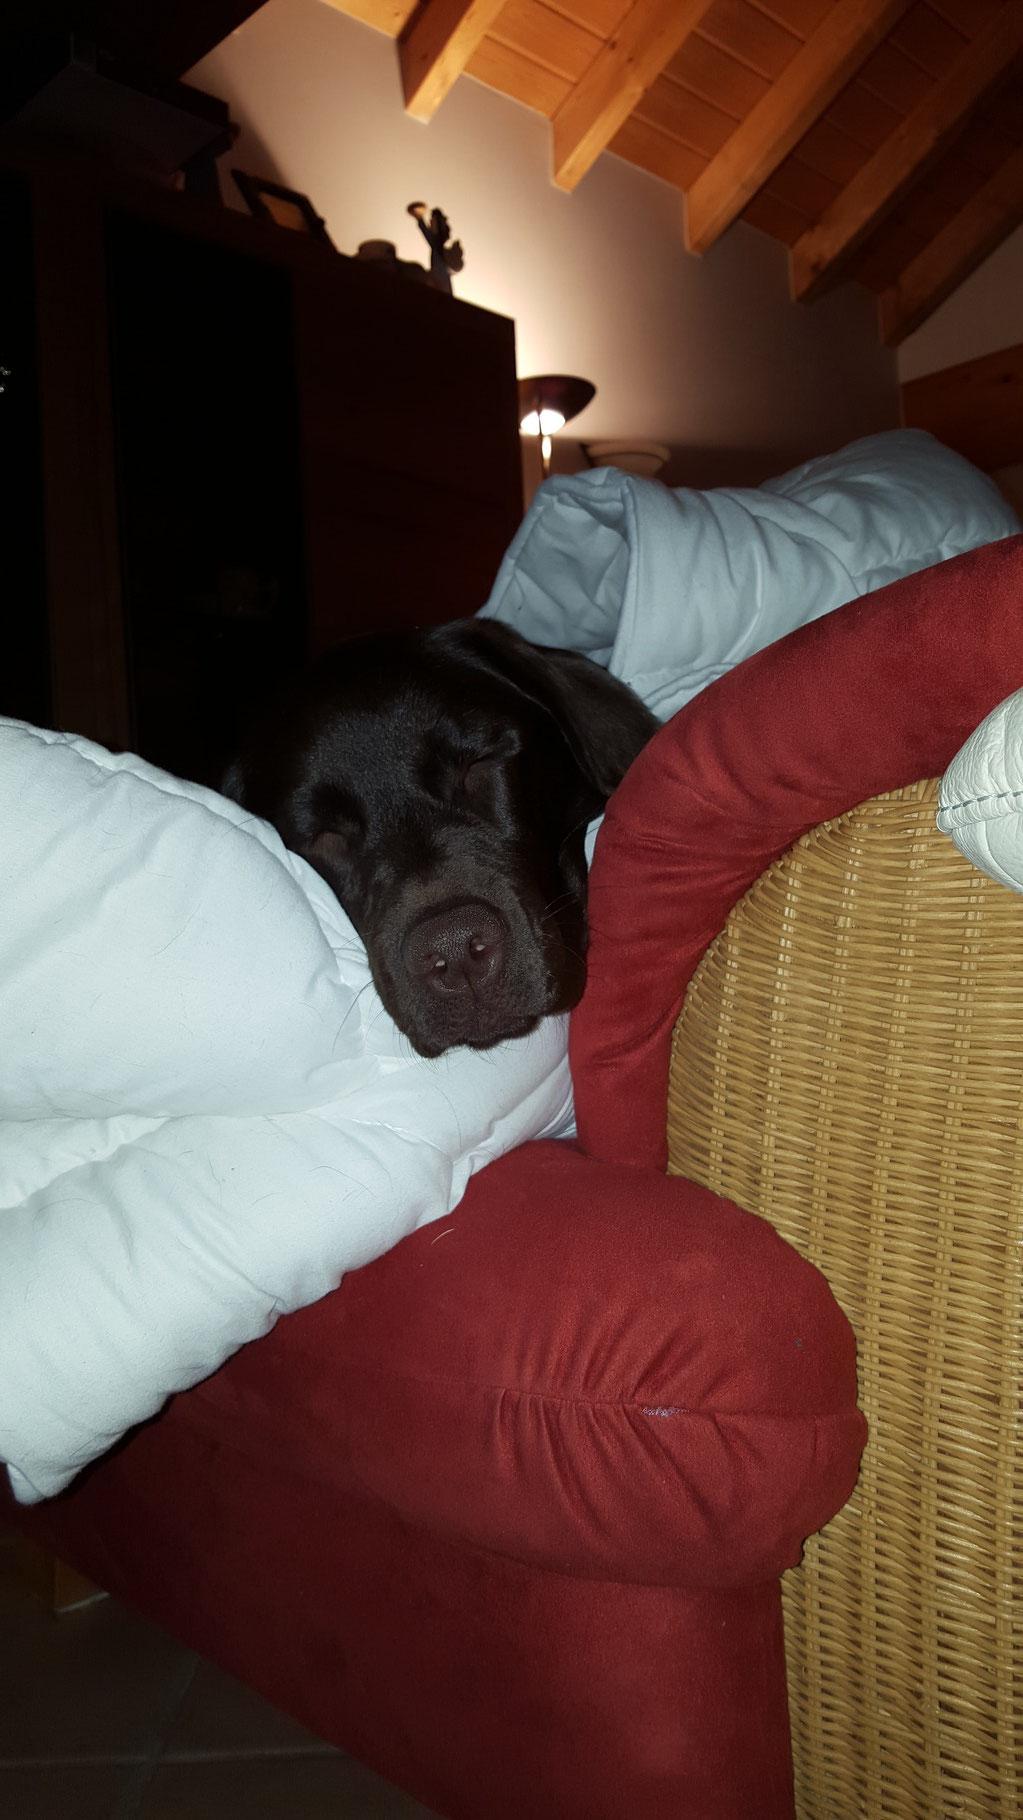 ...da schläft es sich auch herrlich bequem....und warm....